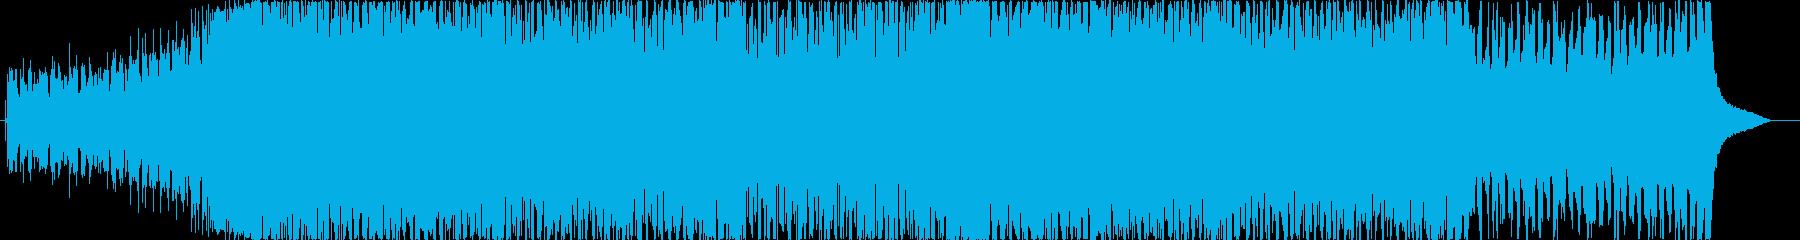 ハッピーで前向きなギターカッティングの再生済みの波形